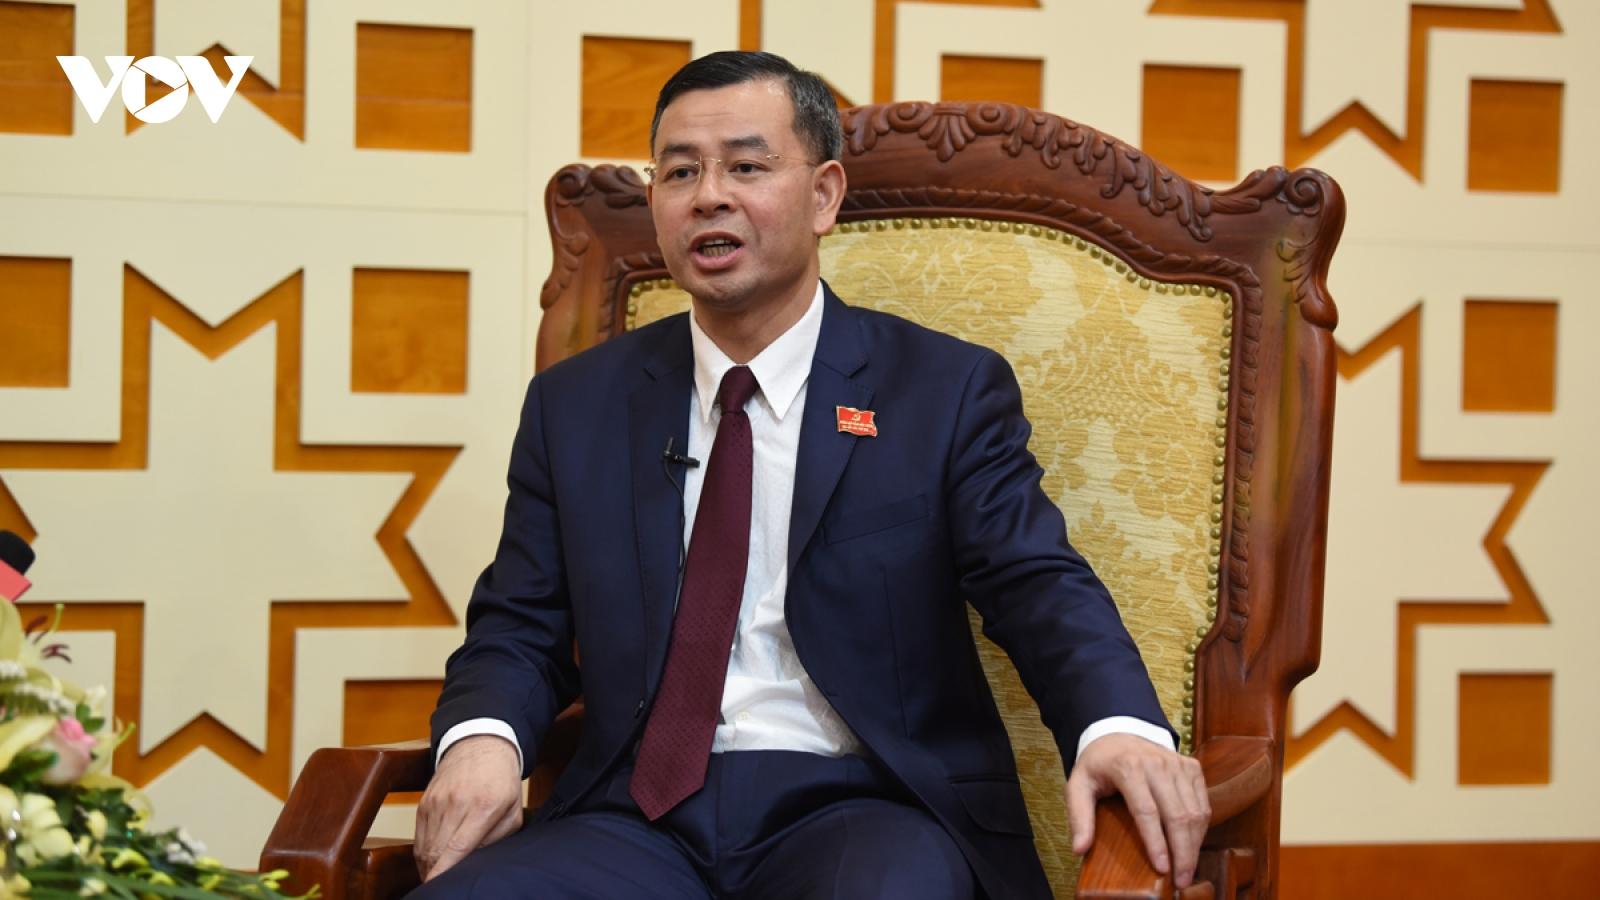 Tân Bí thư Tỉnh ủy Hòa Bình: Quyết tâm thực hiện 4 đột phá chiến lược